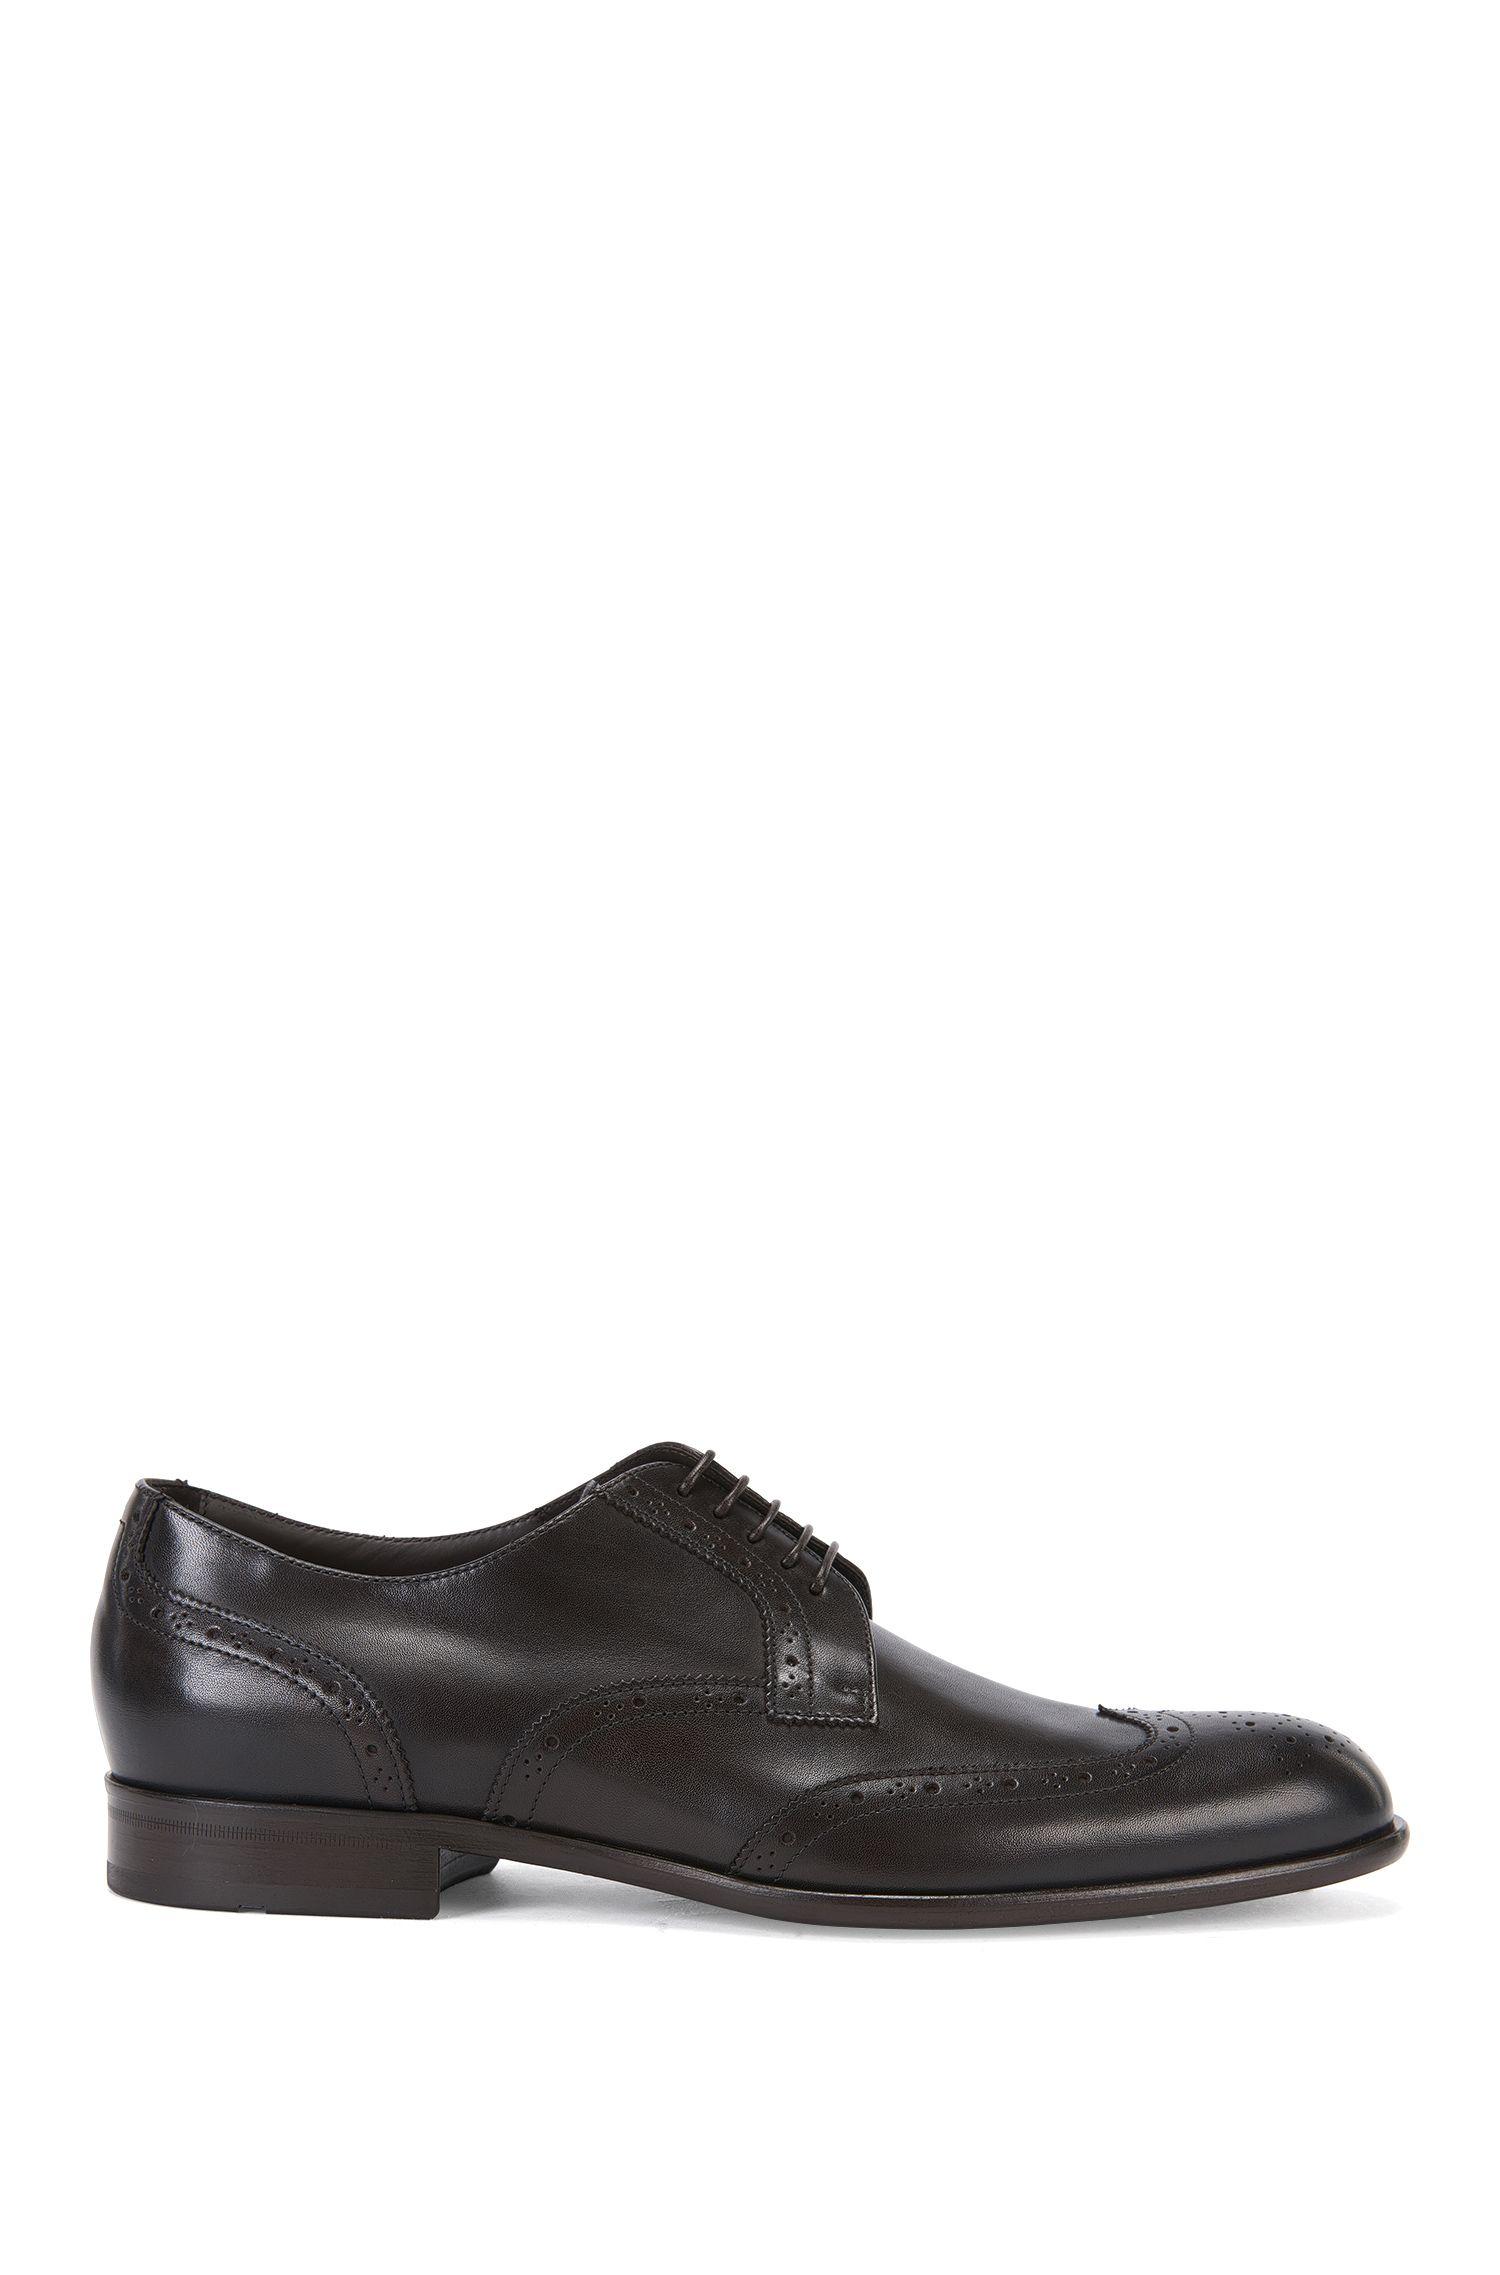 Zapatos de cordón en piel con estilo Budapest: 'Manhattan_Derb_wtbr'